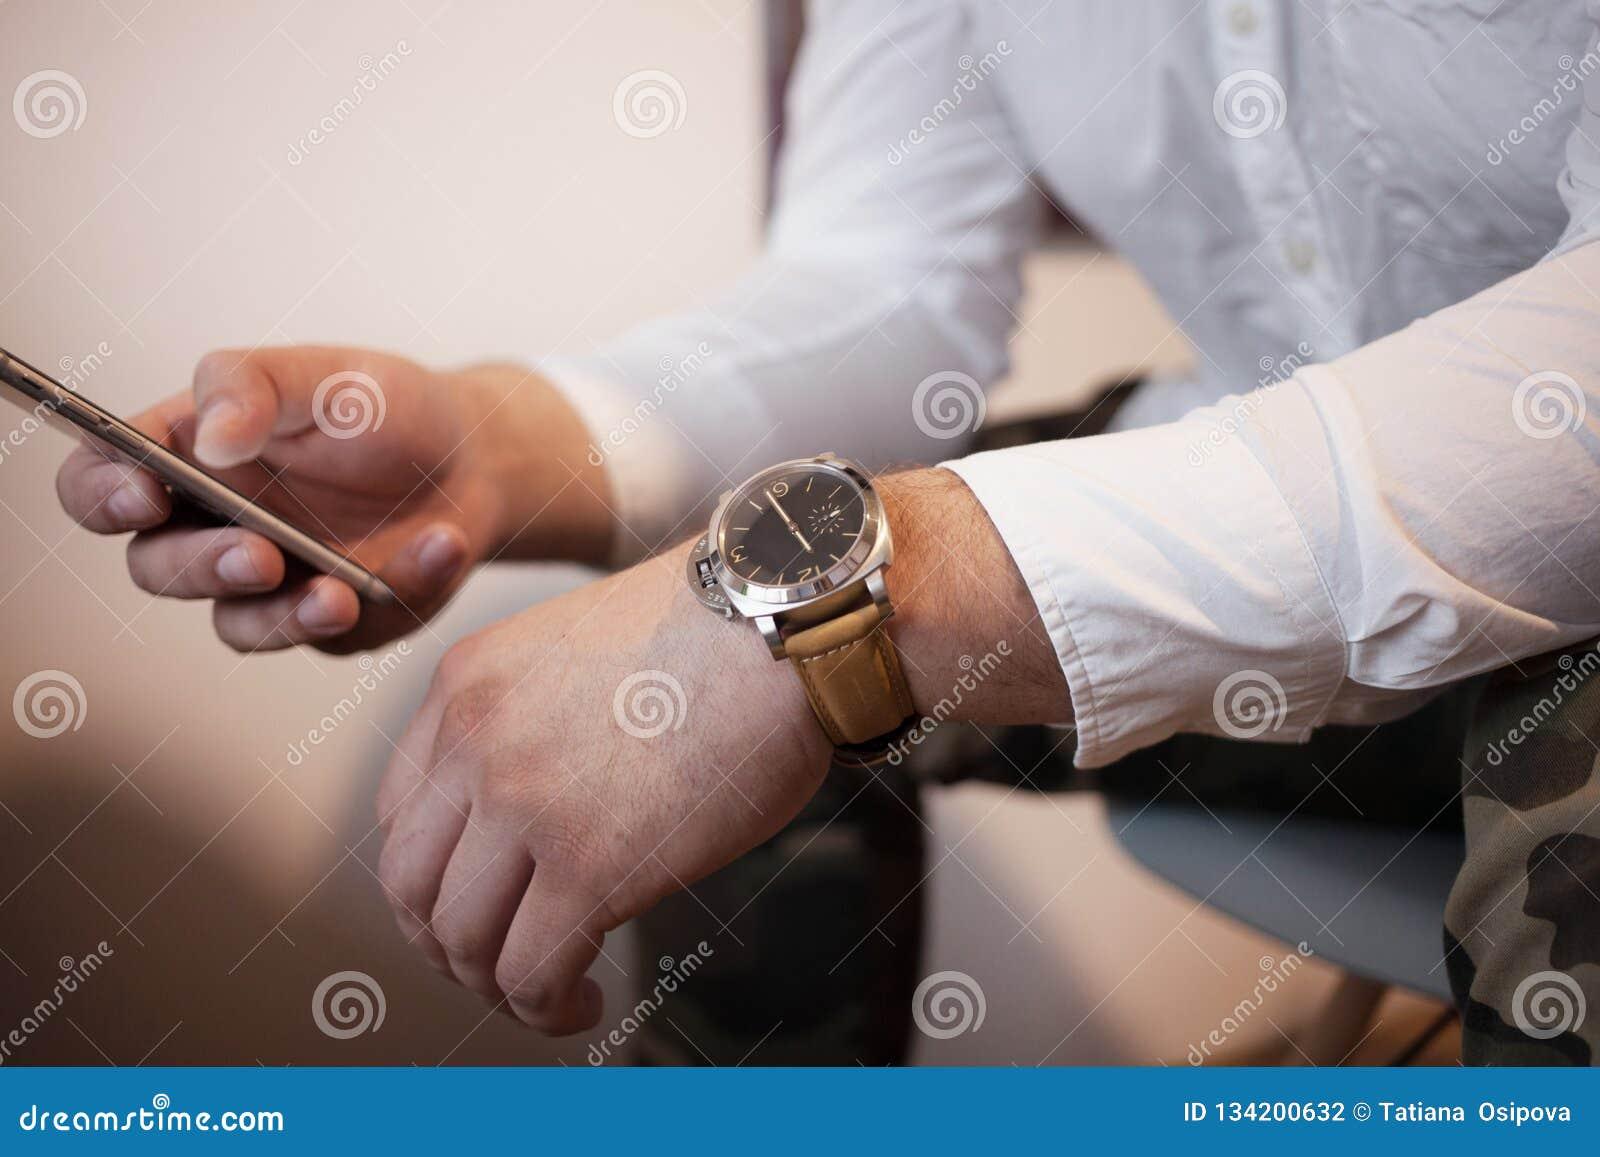 Человек с умным телефоном в расслабленном представлении в белую рубашку печатает sms психологию и концепцию переговоров